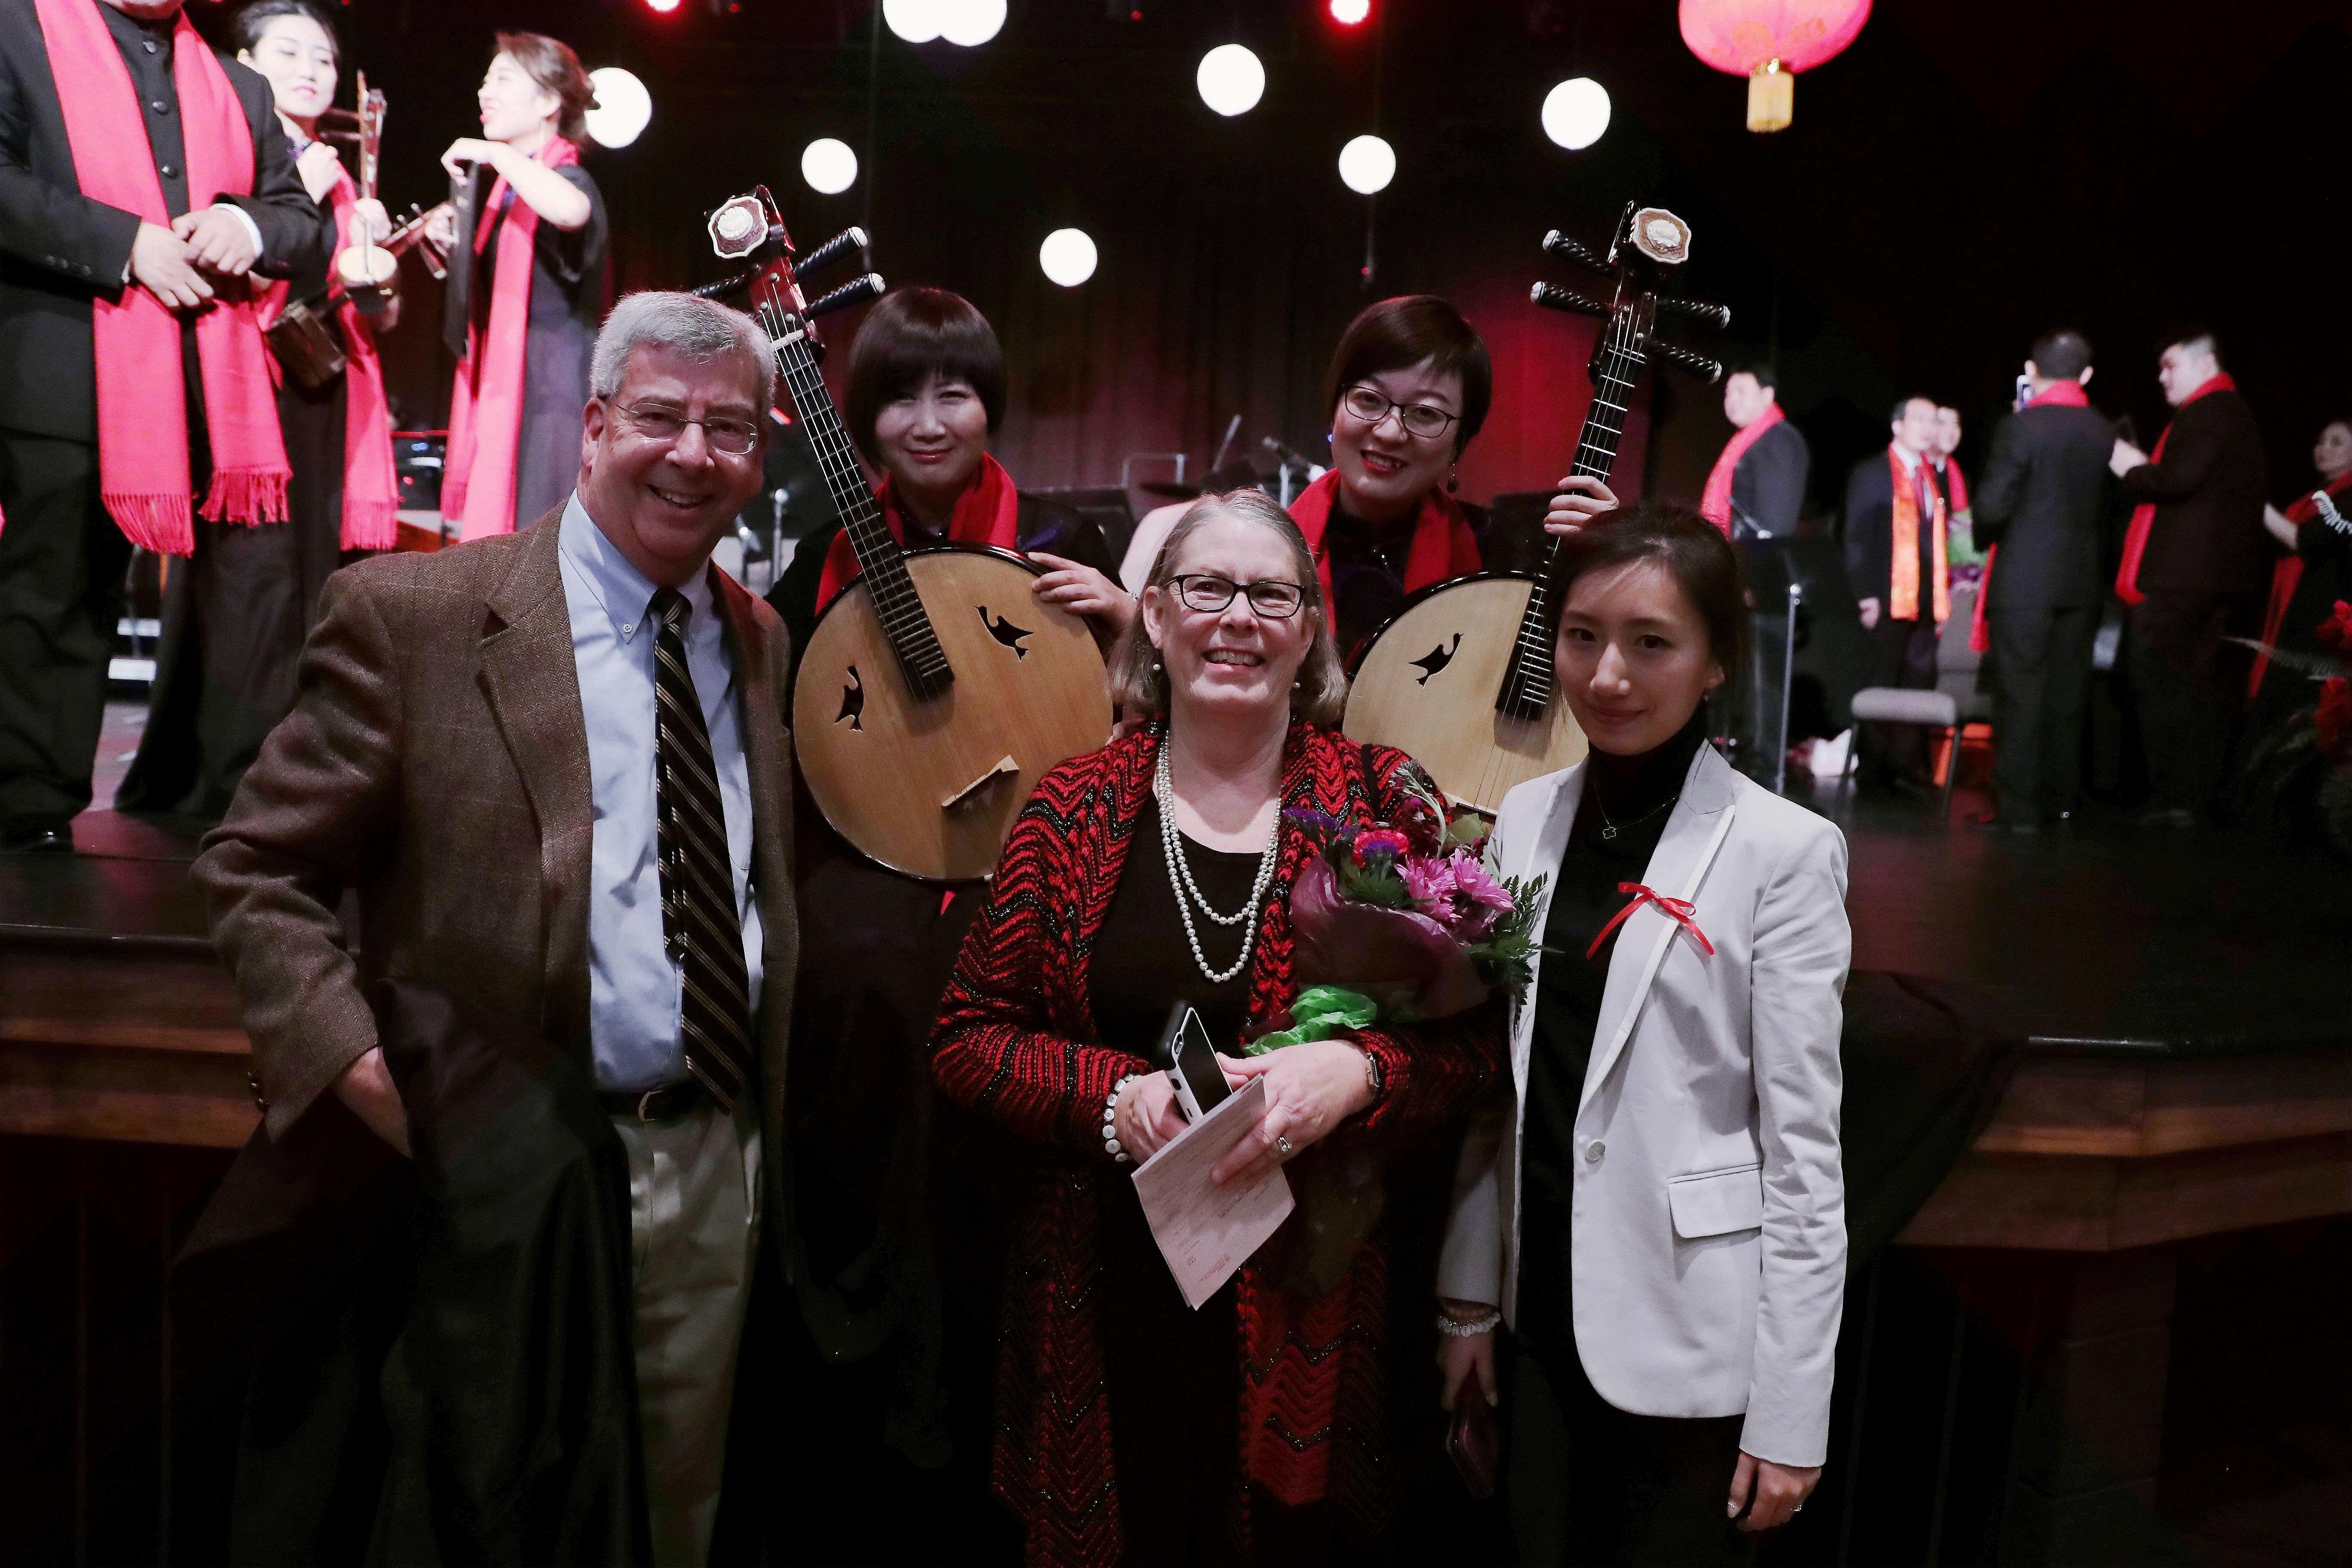 2月1日,马斯卡廷市,音乐会结束后当地观众与中国音乐家合影。;(新华社记者汪平摄;)